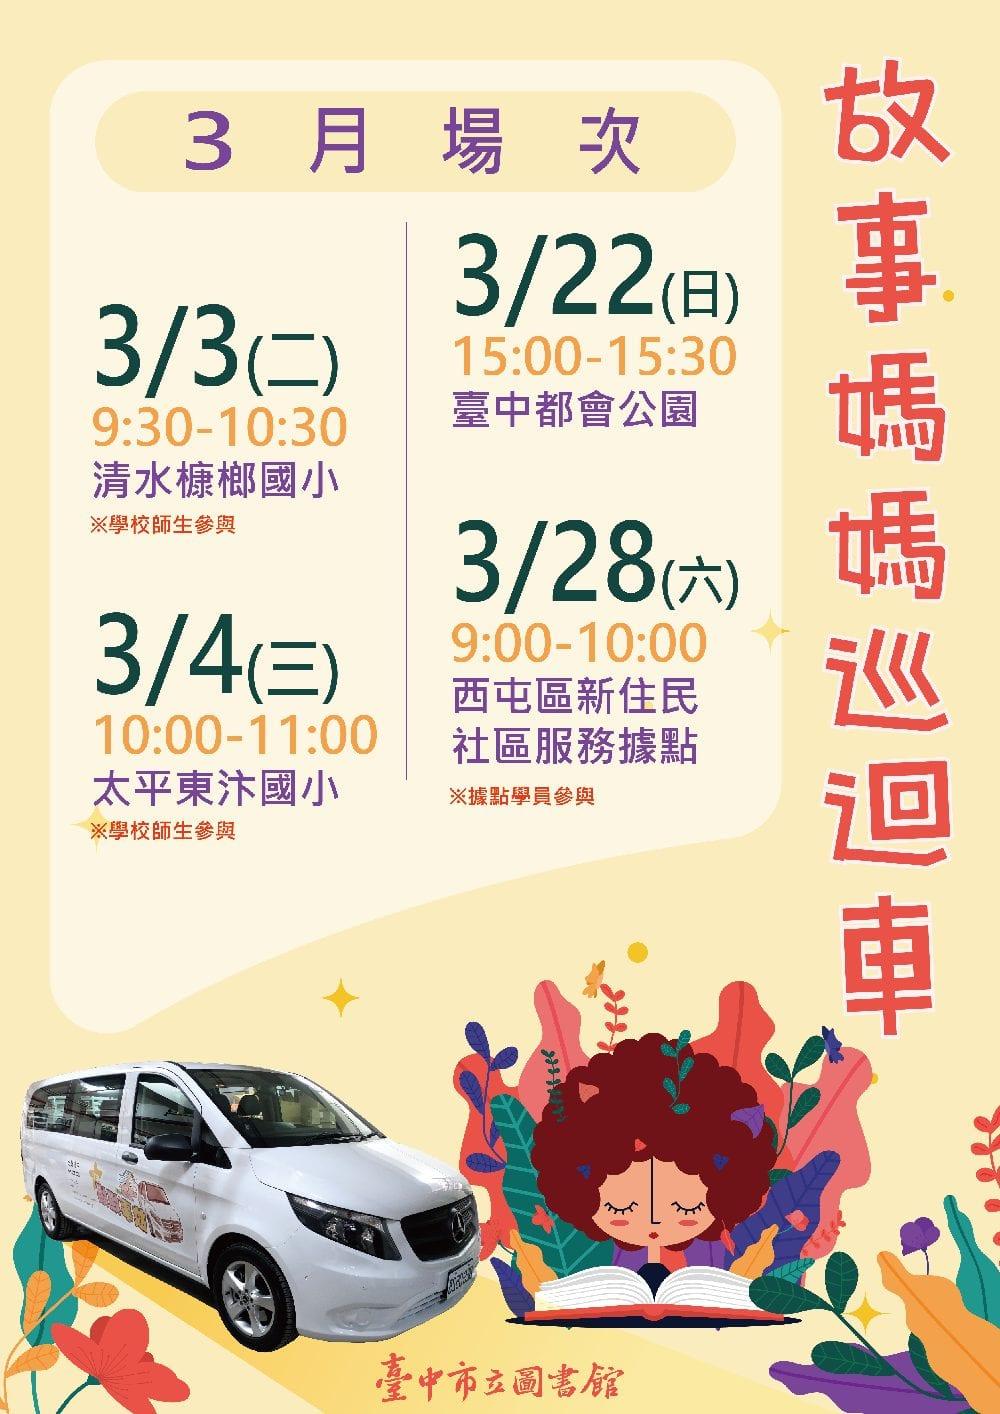 【3月份】故事媽媽巡迴車活動